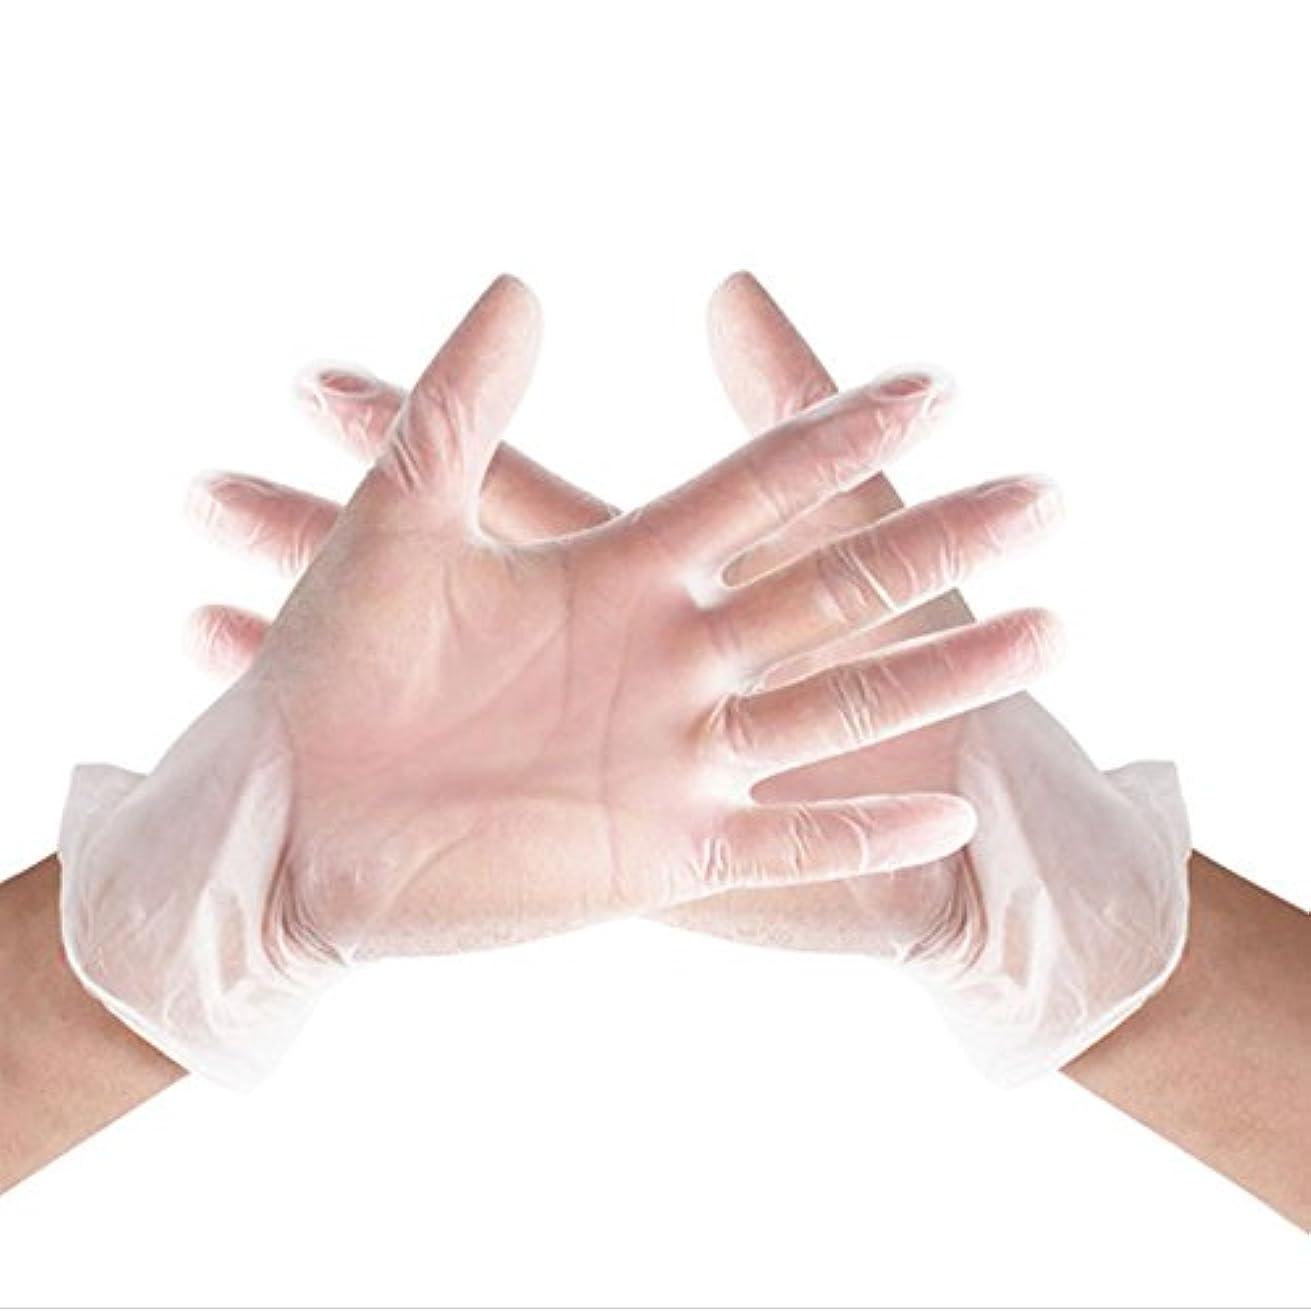 多くの危険がある状況セイはさておき死すべきBartram 使い捨て手袋 プラスチック手袋 PVCグローブ パウダーなし やわらか手袋 50枚入